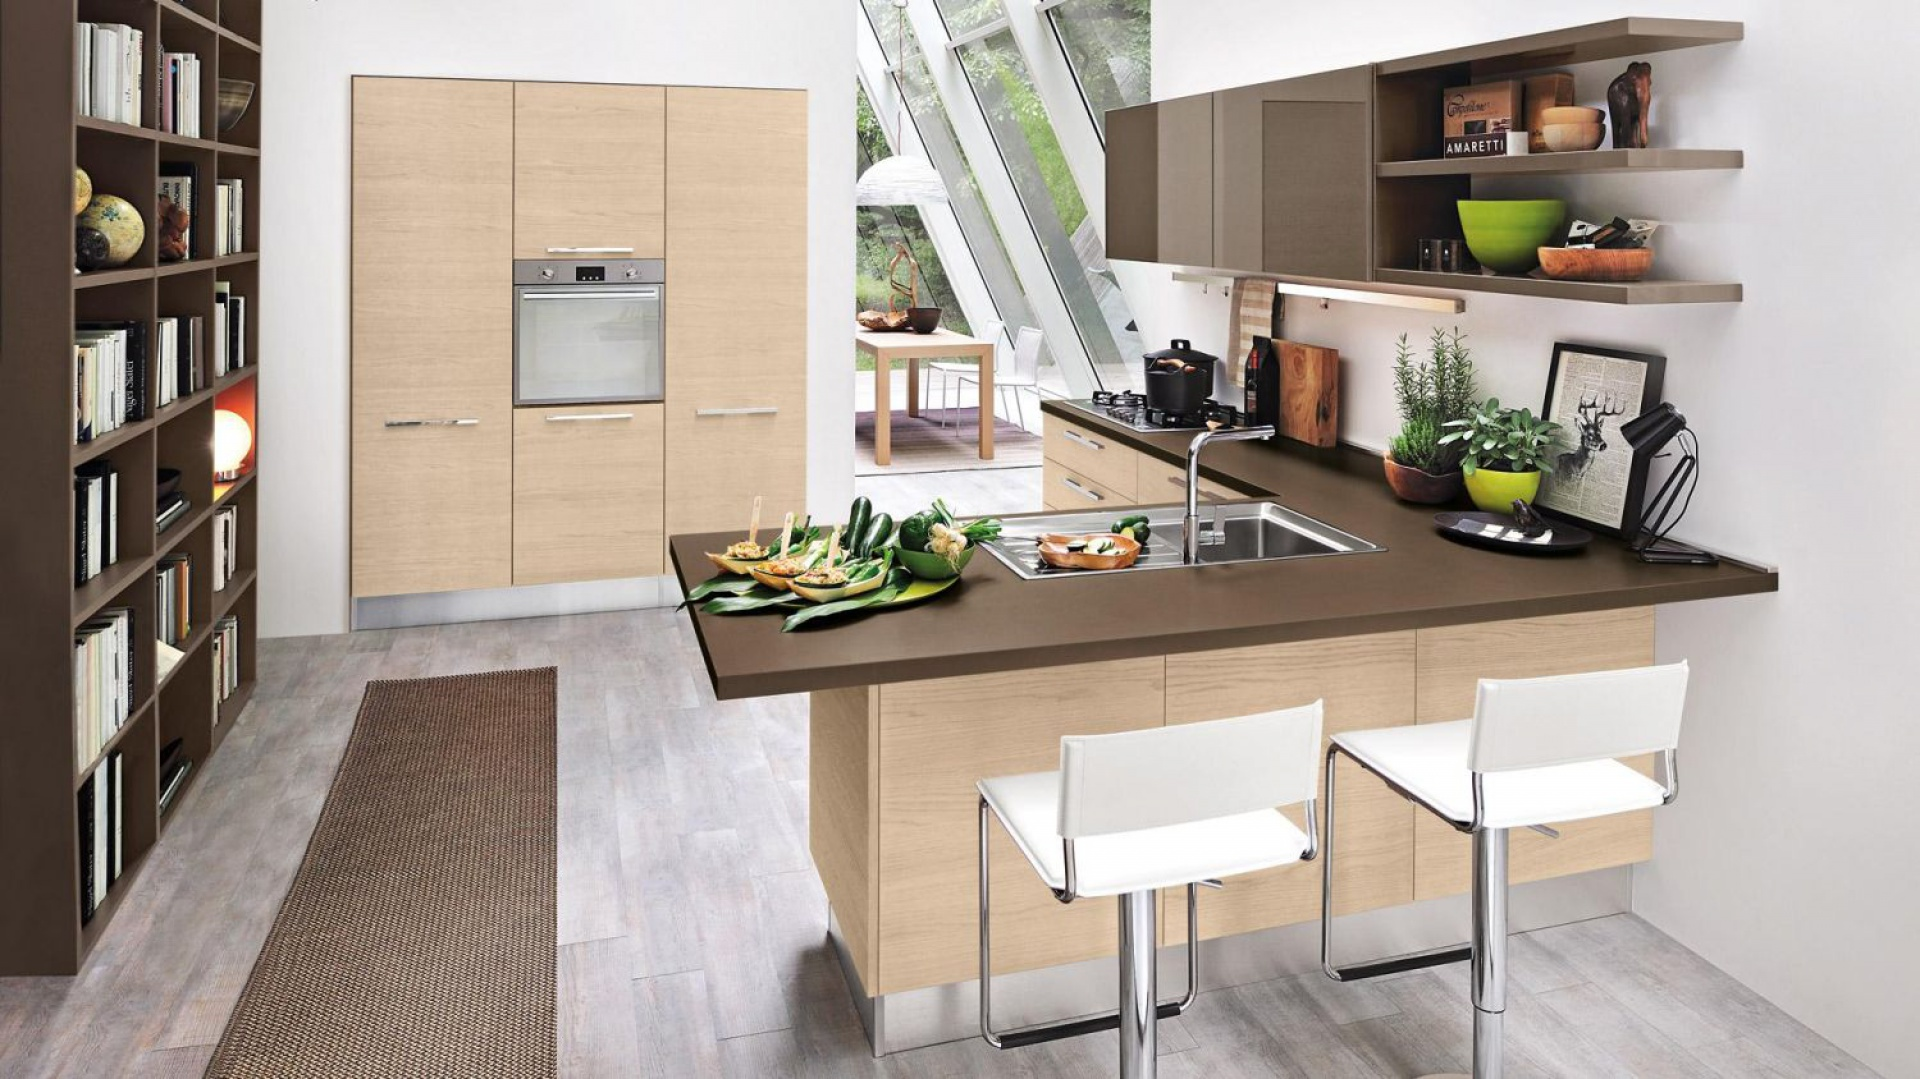 Wysoką zabudowę kuchenną wpasowano w niszę w ścianie, na której tle odznacza się kontrastującymi z bielą frontami w kolorze jasnego drewna. Fot. Cucine Lube, model Pamela.